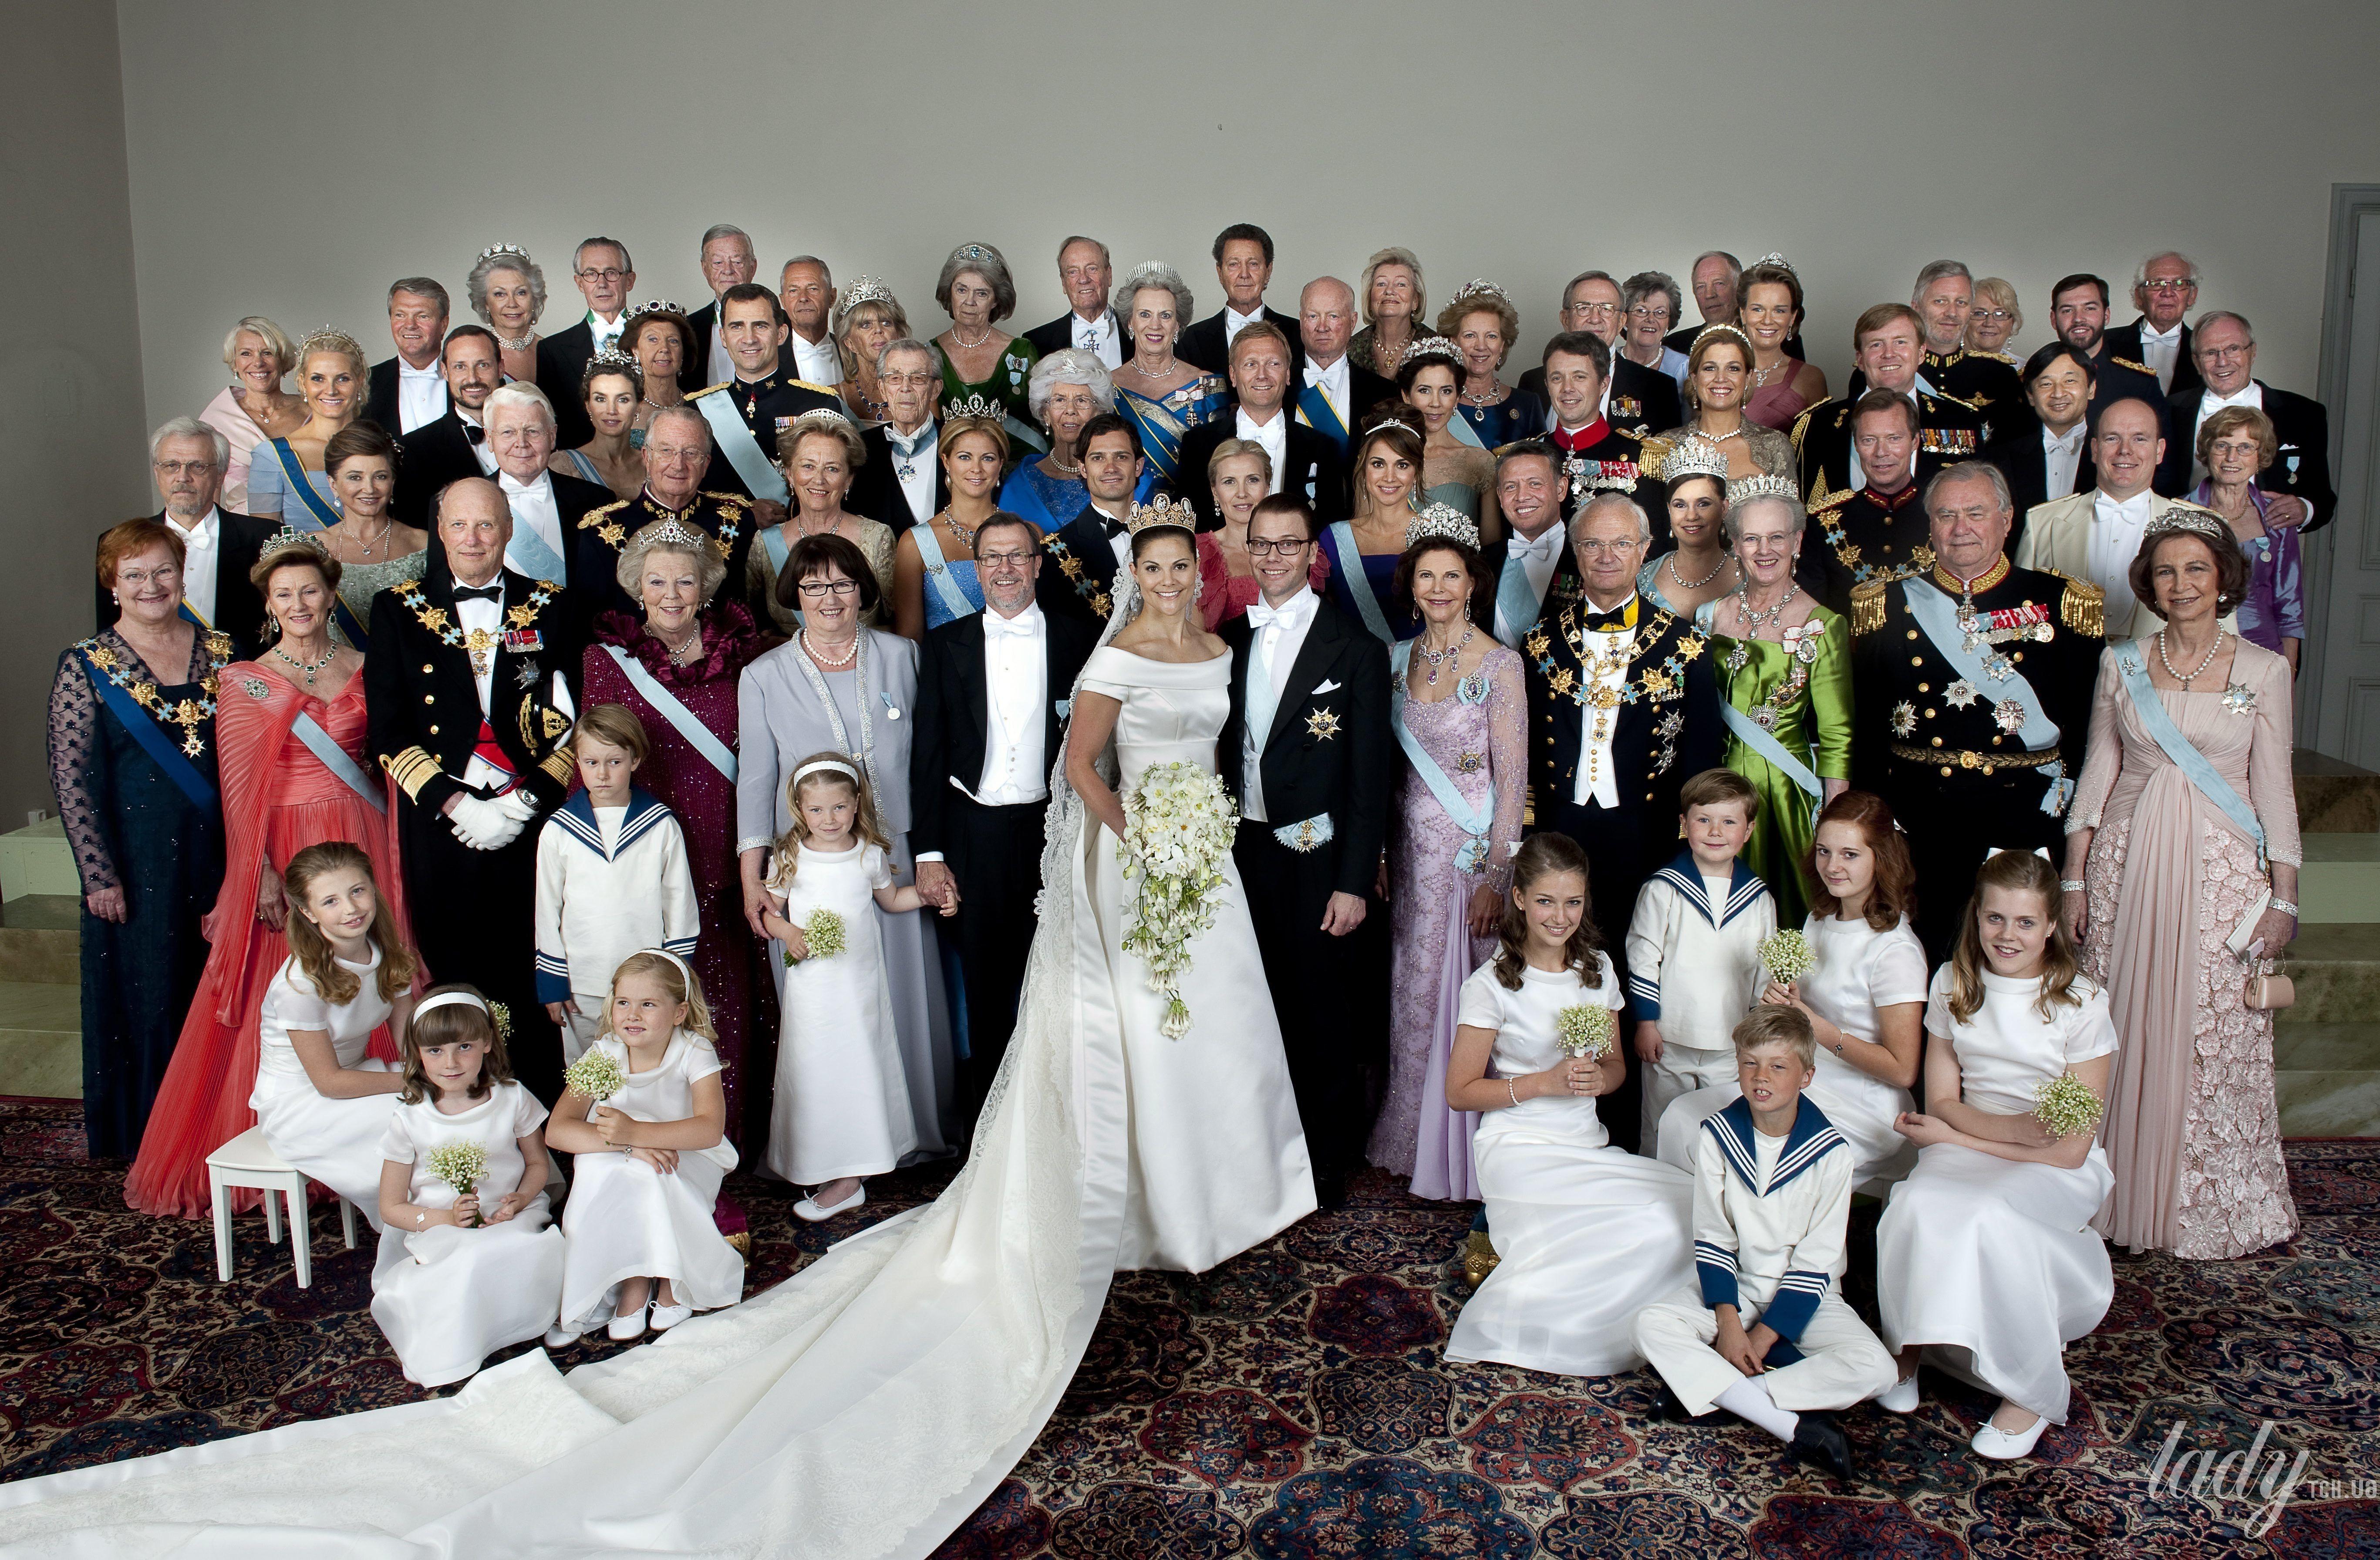 Свадьба кронпринцессы Виктории и принца Даниэля